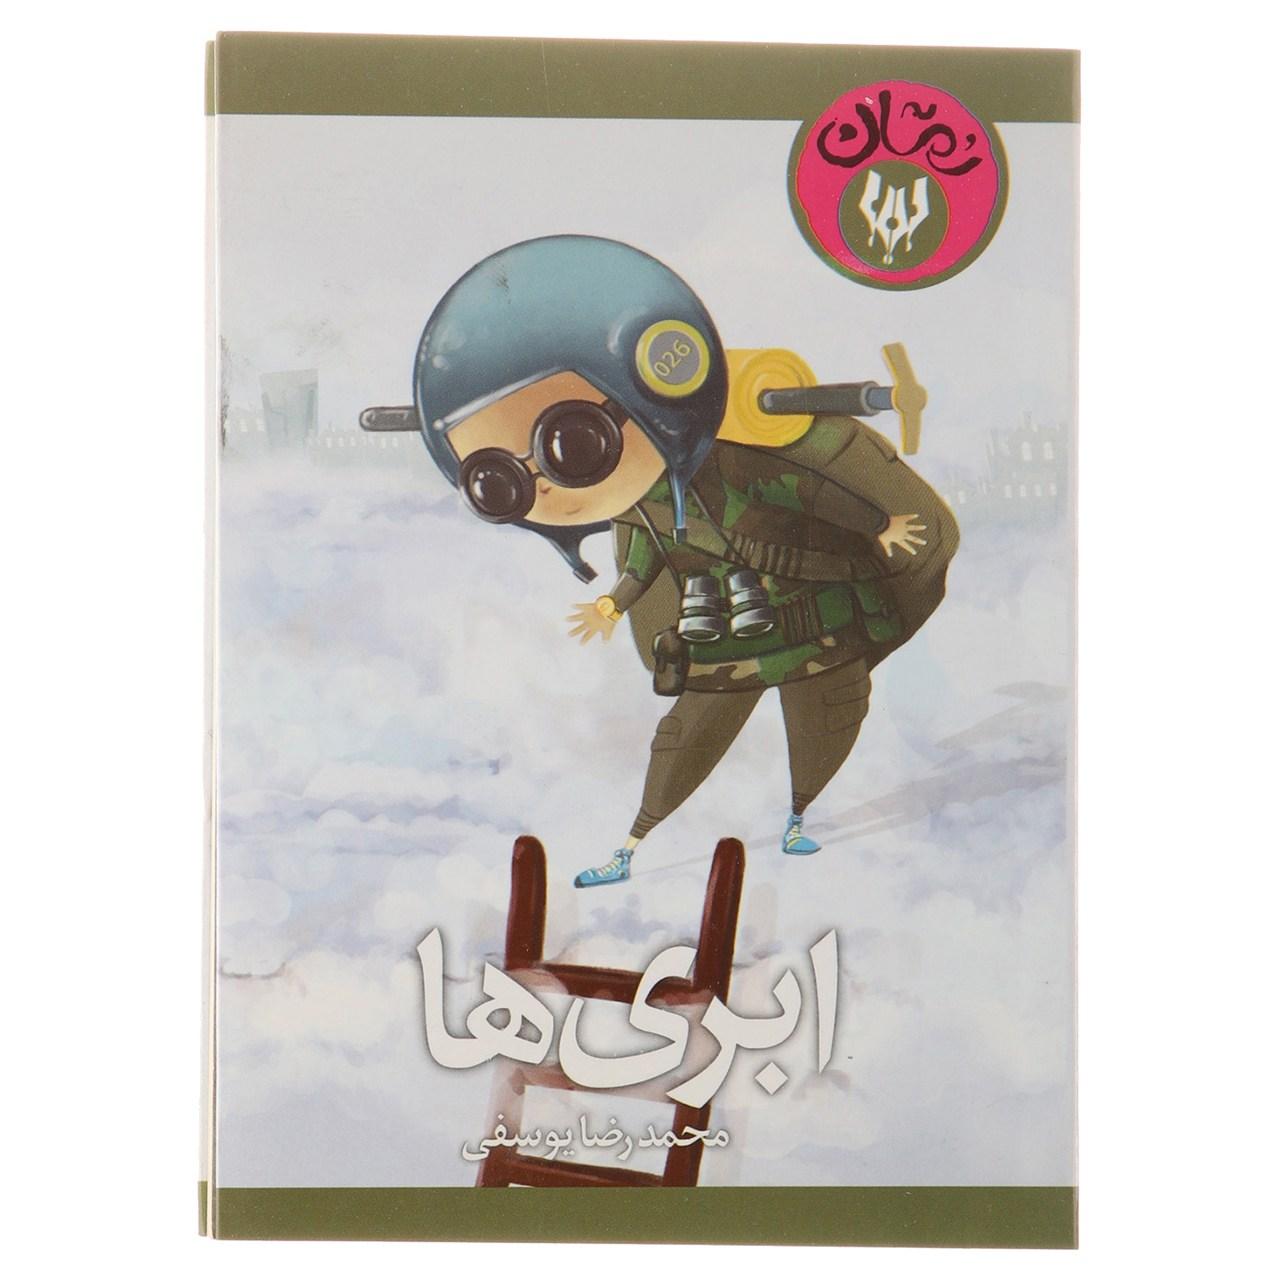 کتاب ابری ها اثر محمدرضا یوسفی